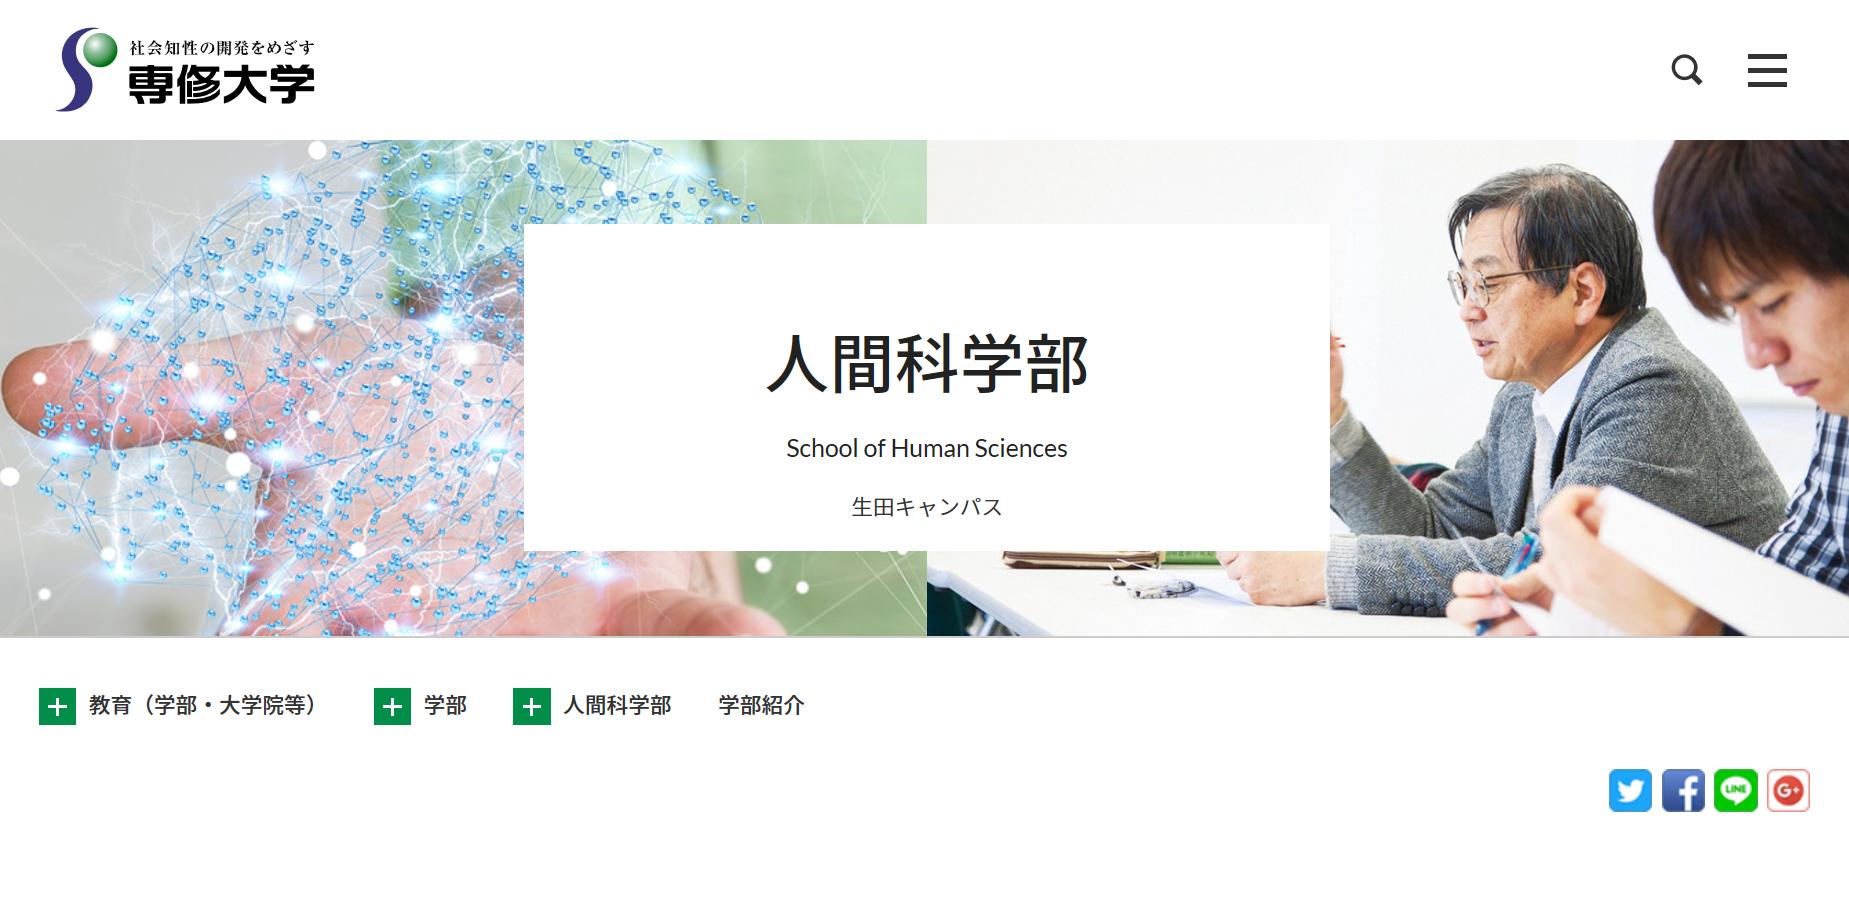 専修大学の評判・口コミ【人間科学部編】